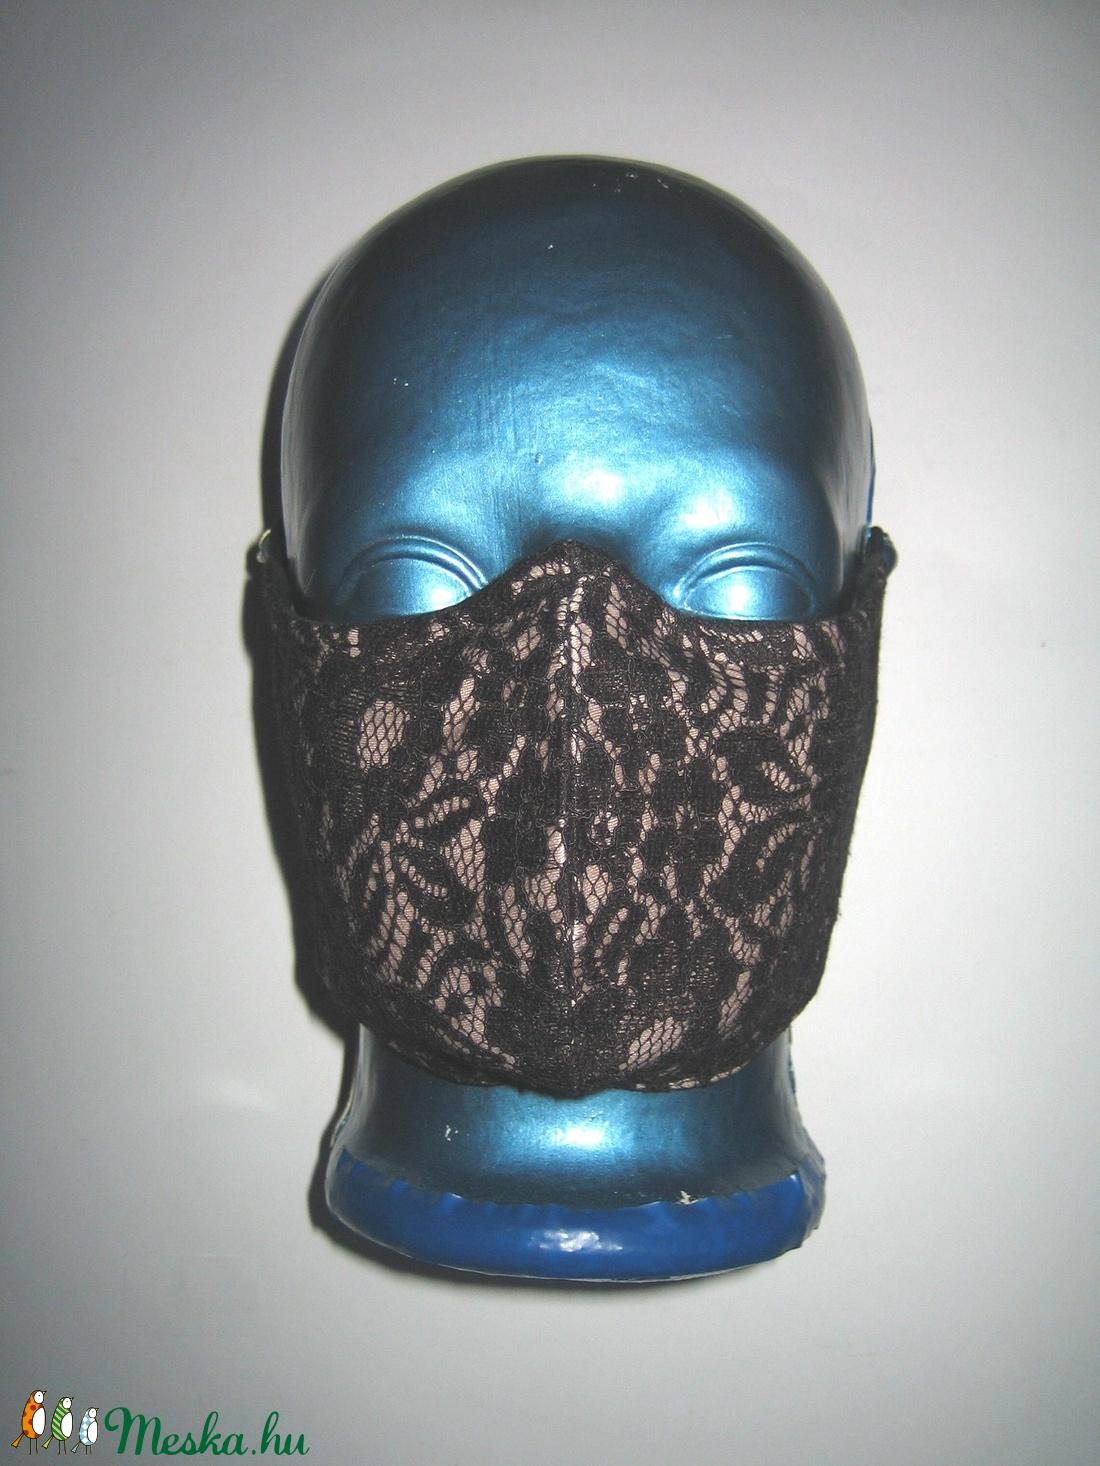 Csipke szájmaszk szemüvegeseknek orrmerevítős egyedi arcmaszk 2in1 textil maszk  - maszk, arcmaszk - női - Meska.hu